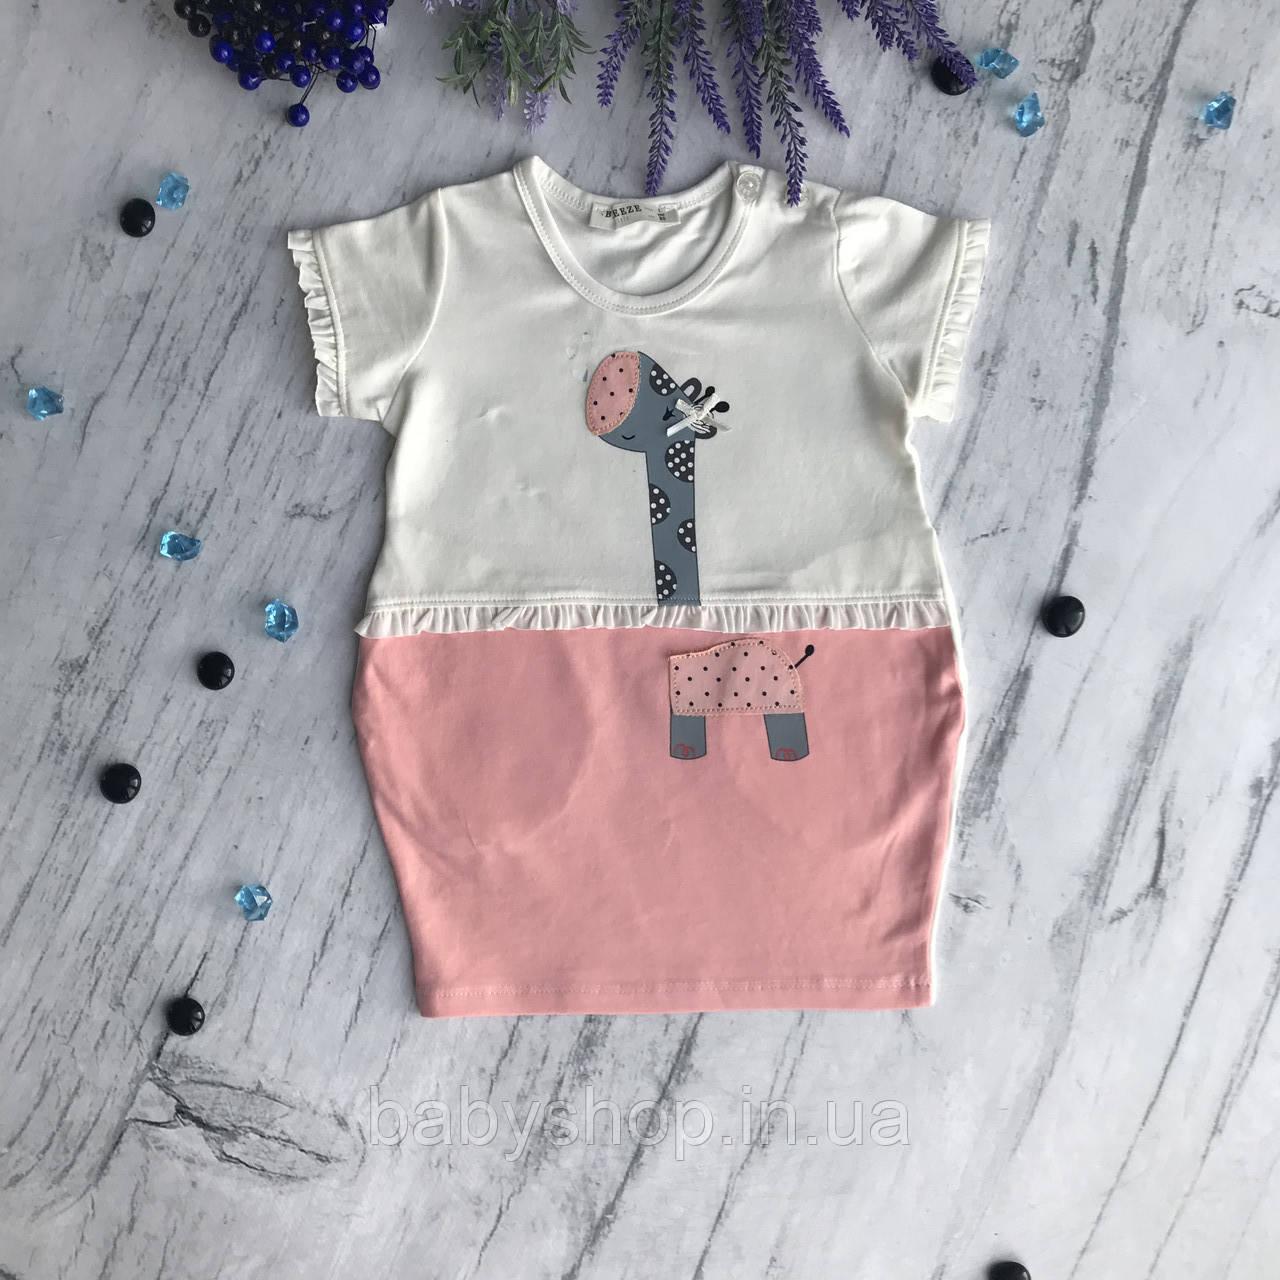 Летнее платье на девочку Breeze Жирафик. Размеры 80 см, 86 см, 92 см, 98 см, 104 см